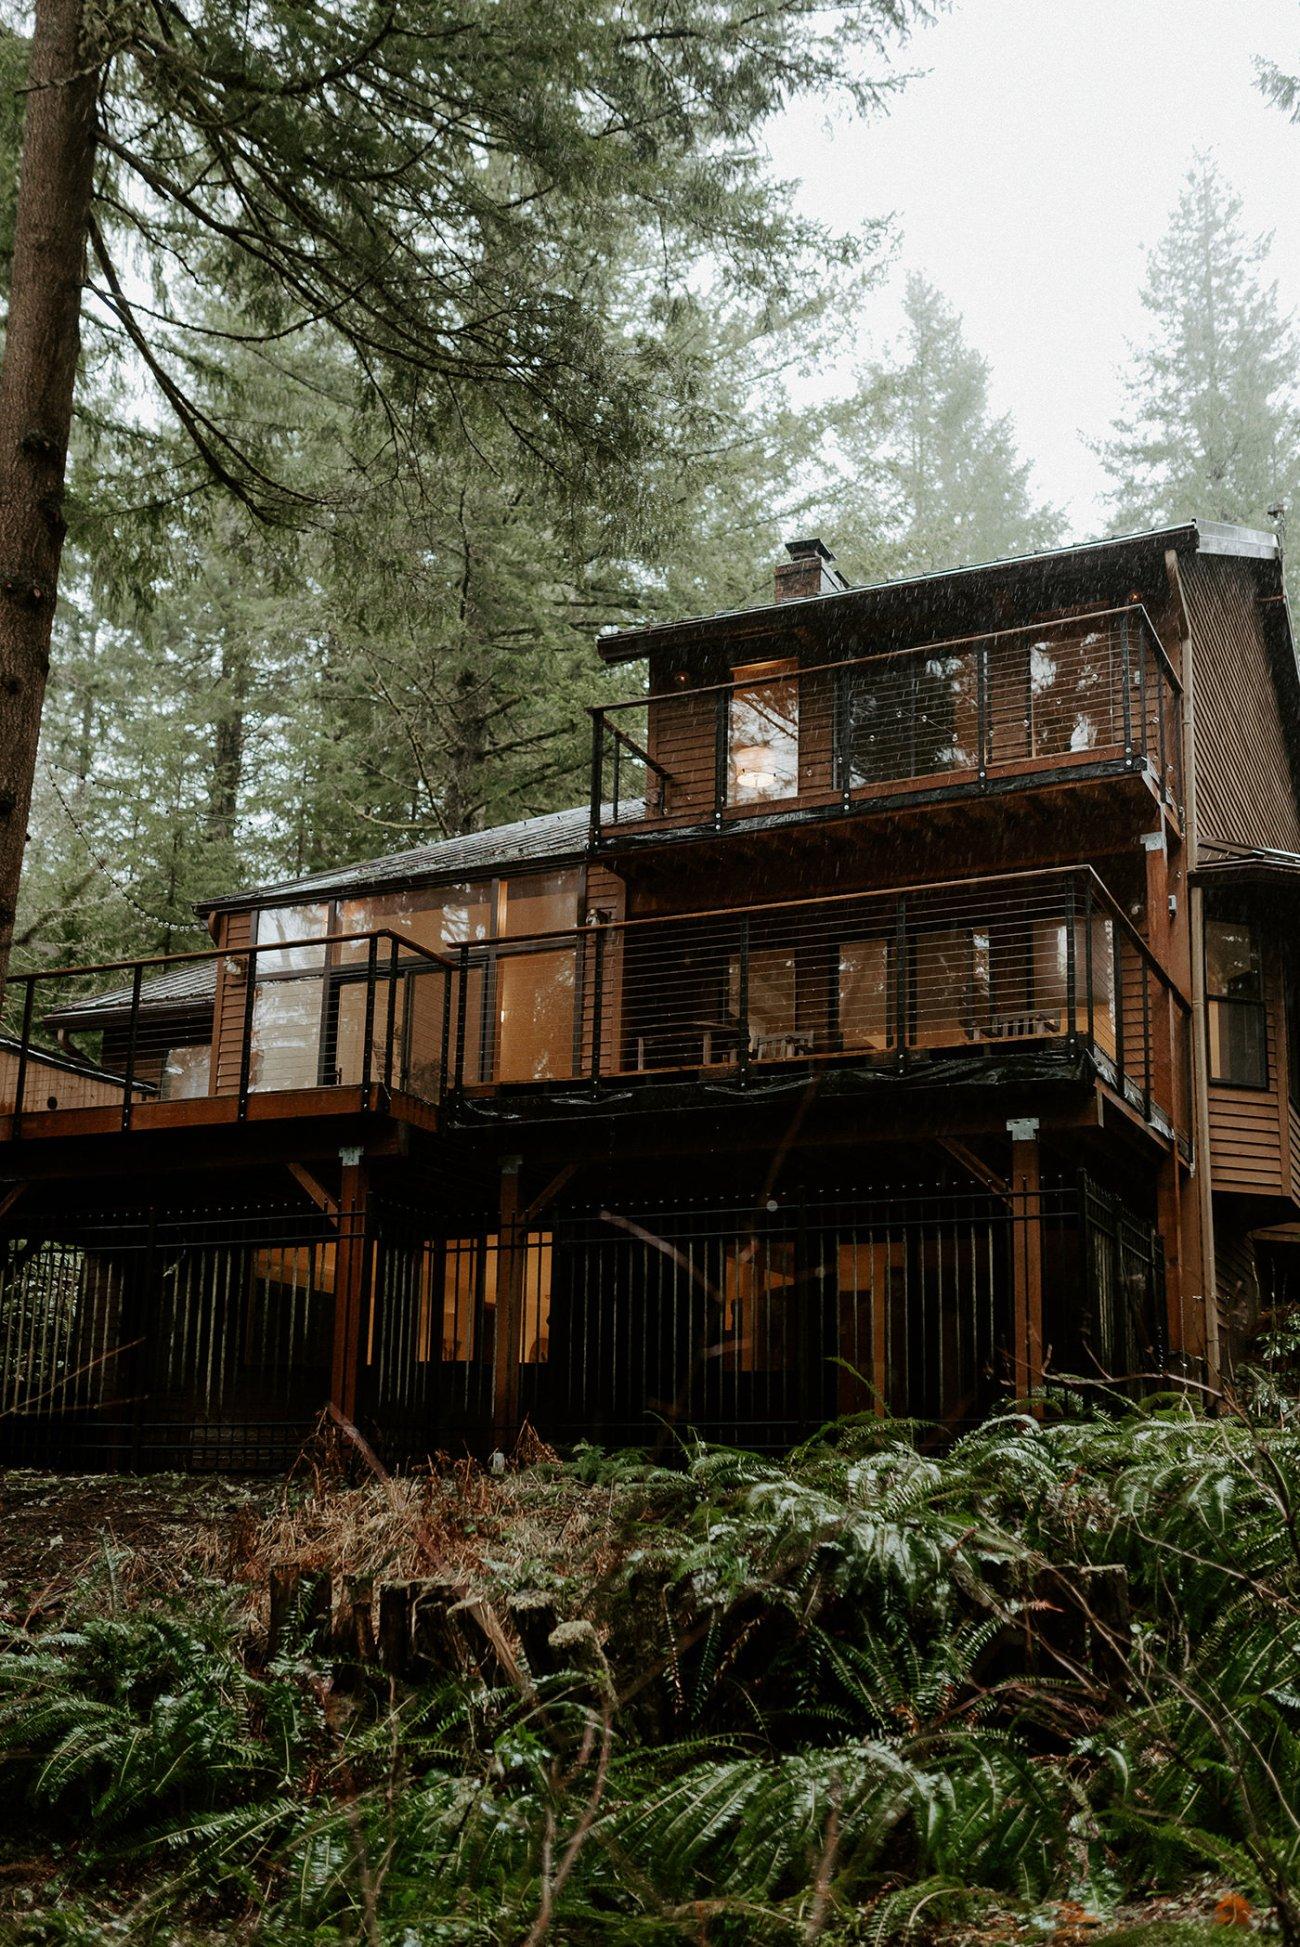 The Woodlands House Sandy Oregon Elopement Portland Elopement Photographer PNW Adventurous Elopement Anais Possamai Photography 1